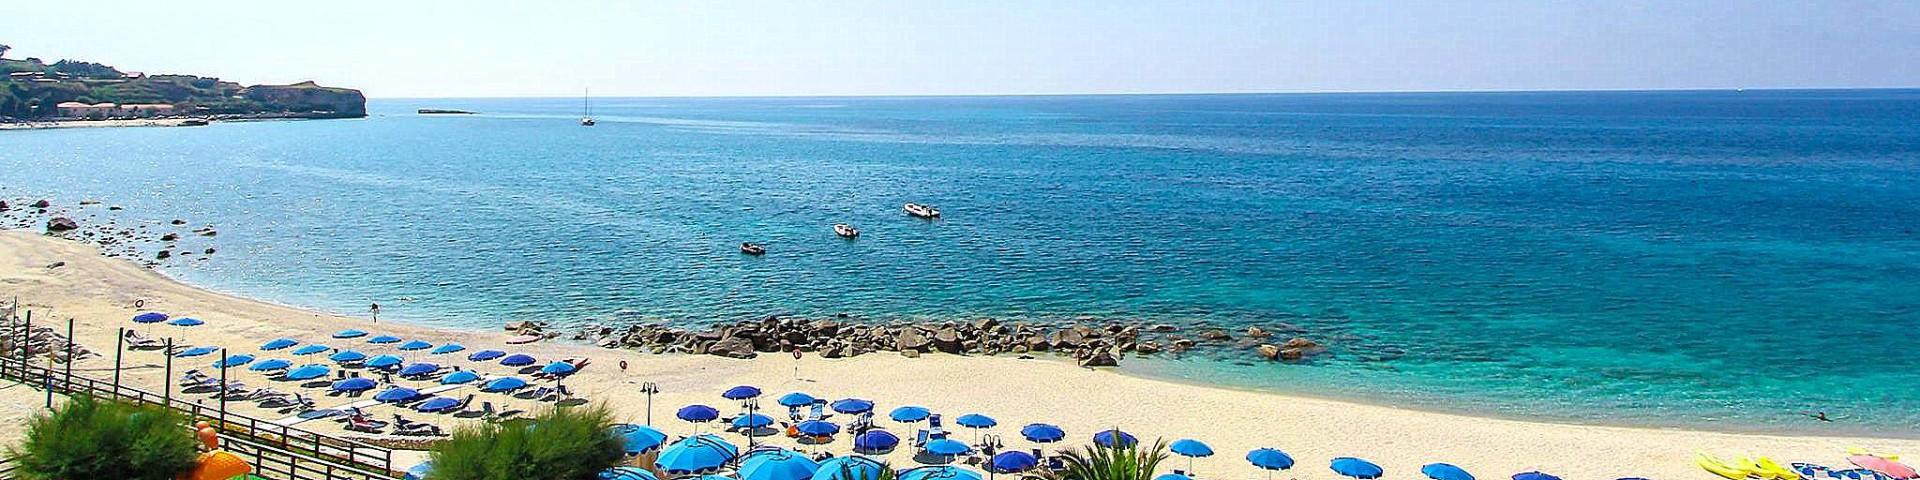 Briatico, stále pláž Lido San Giuseppe, světlý písek a krystalicky modré moře